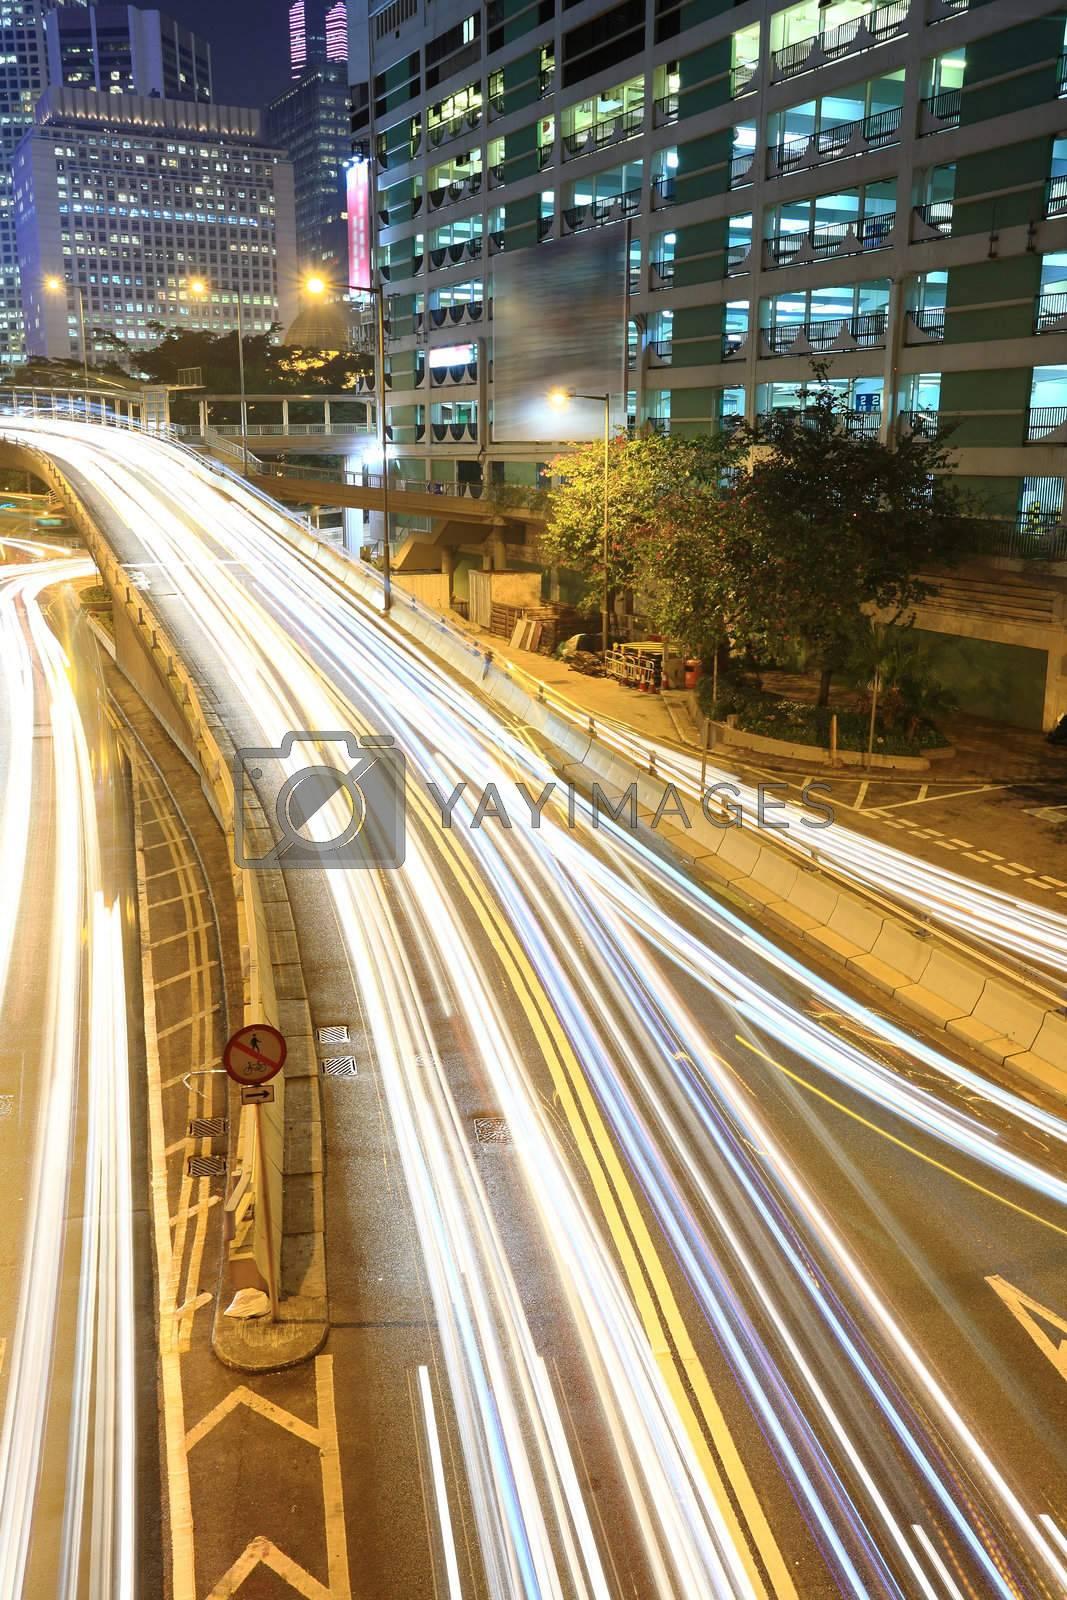 Hong Kong at night by leungchopan